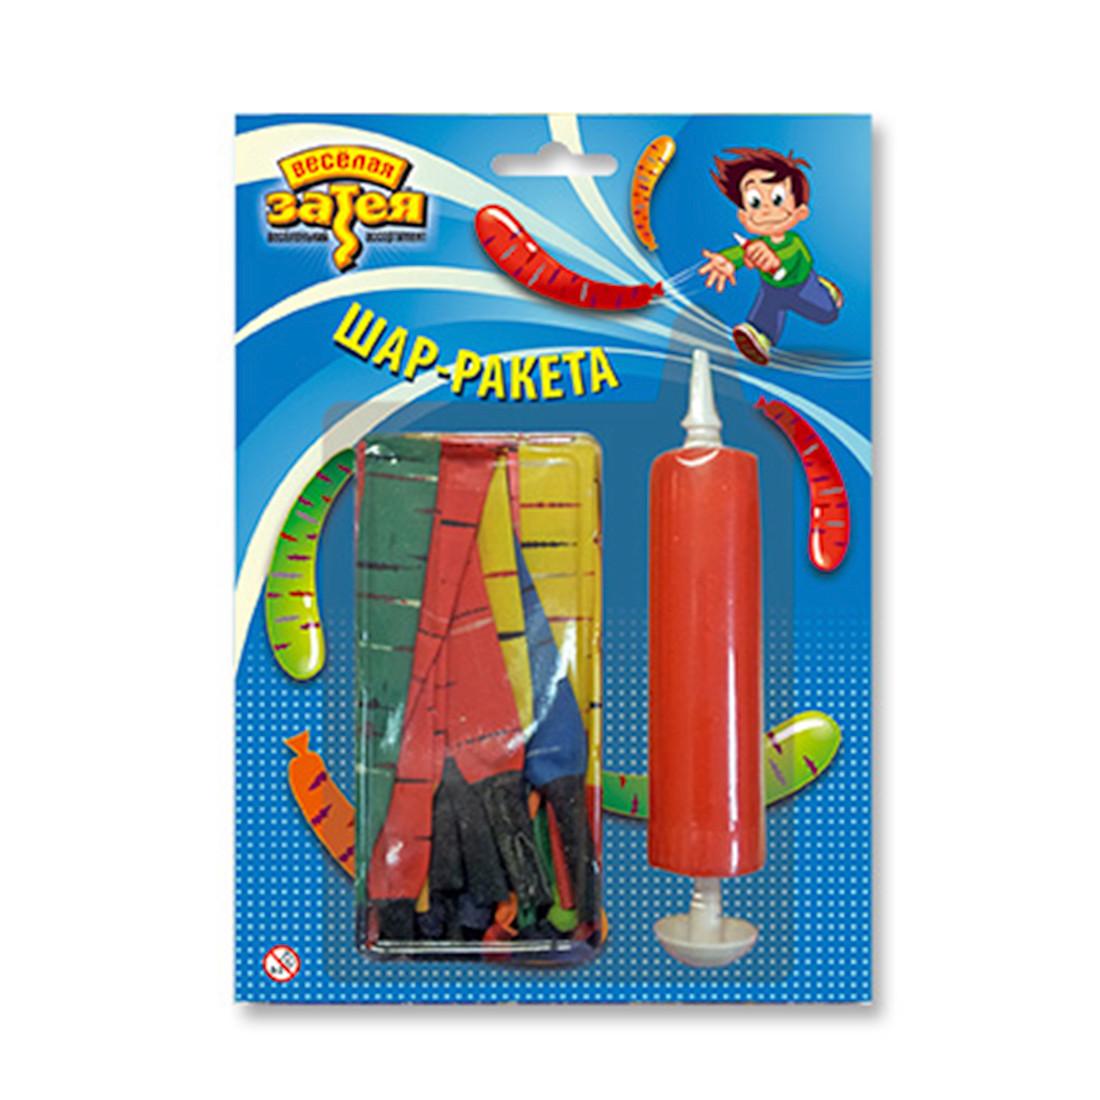 Воздушные шарики, ВЕСЁЛАЯ ЗАТЕЯ, 1111-0352, Шар-ракета, (24 шт. в пакете), насос в комплекте, латекс - фото 2